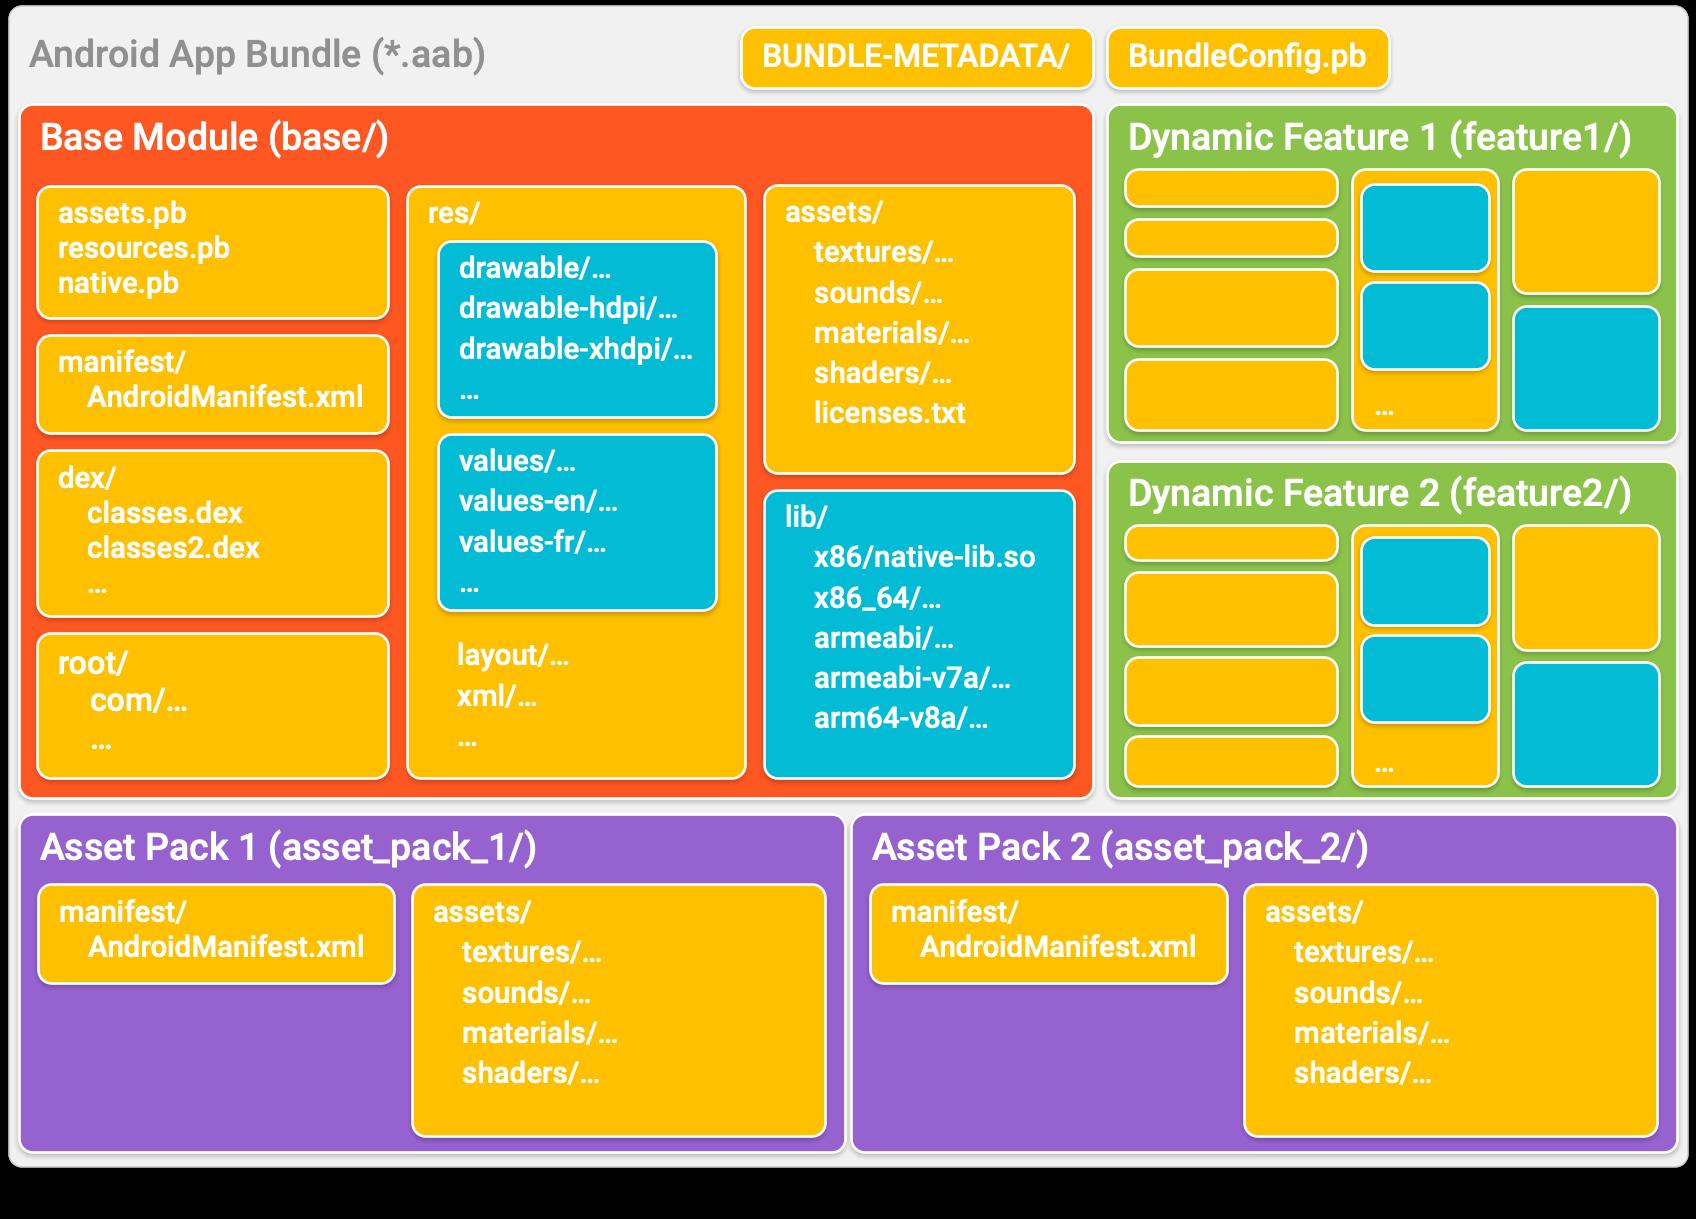 App bundle 会将您的应用整理到各自代表一个模块的目录中。在每个模块目录中,代码和资源的组织整理方式与典型的 APK 类似。